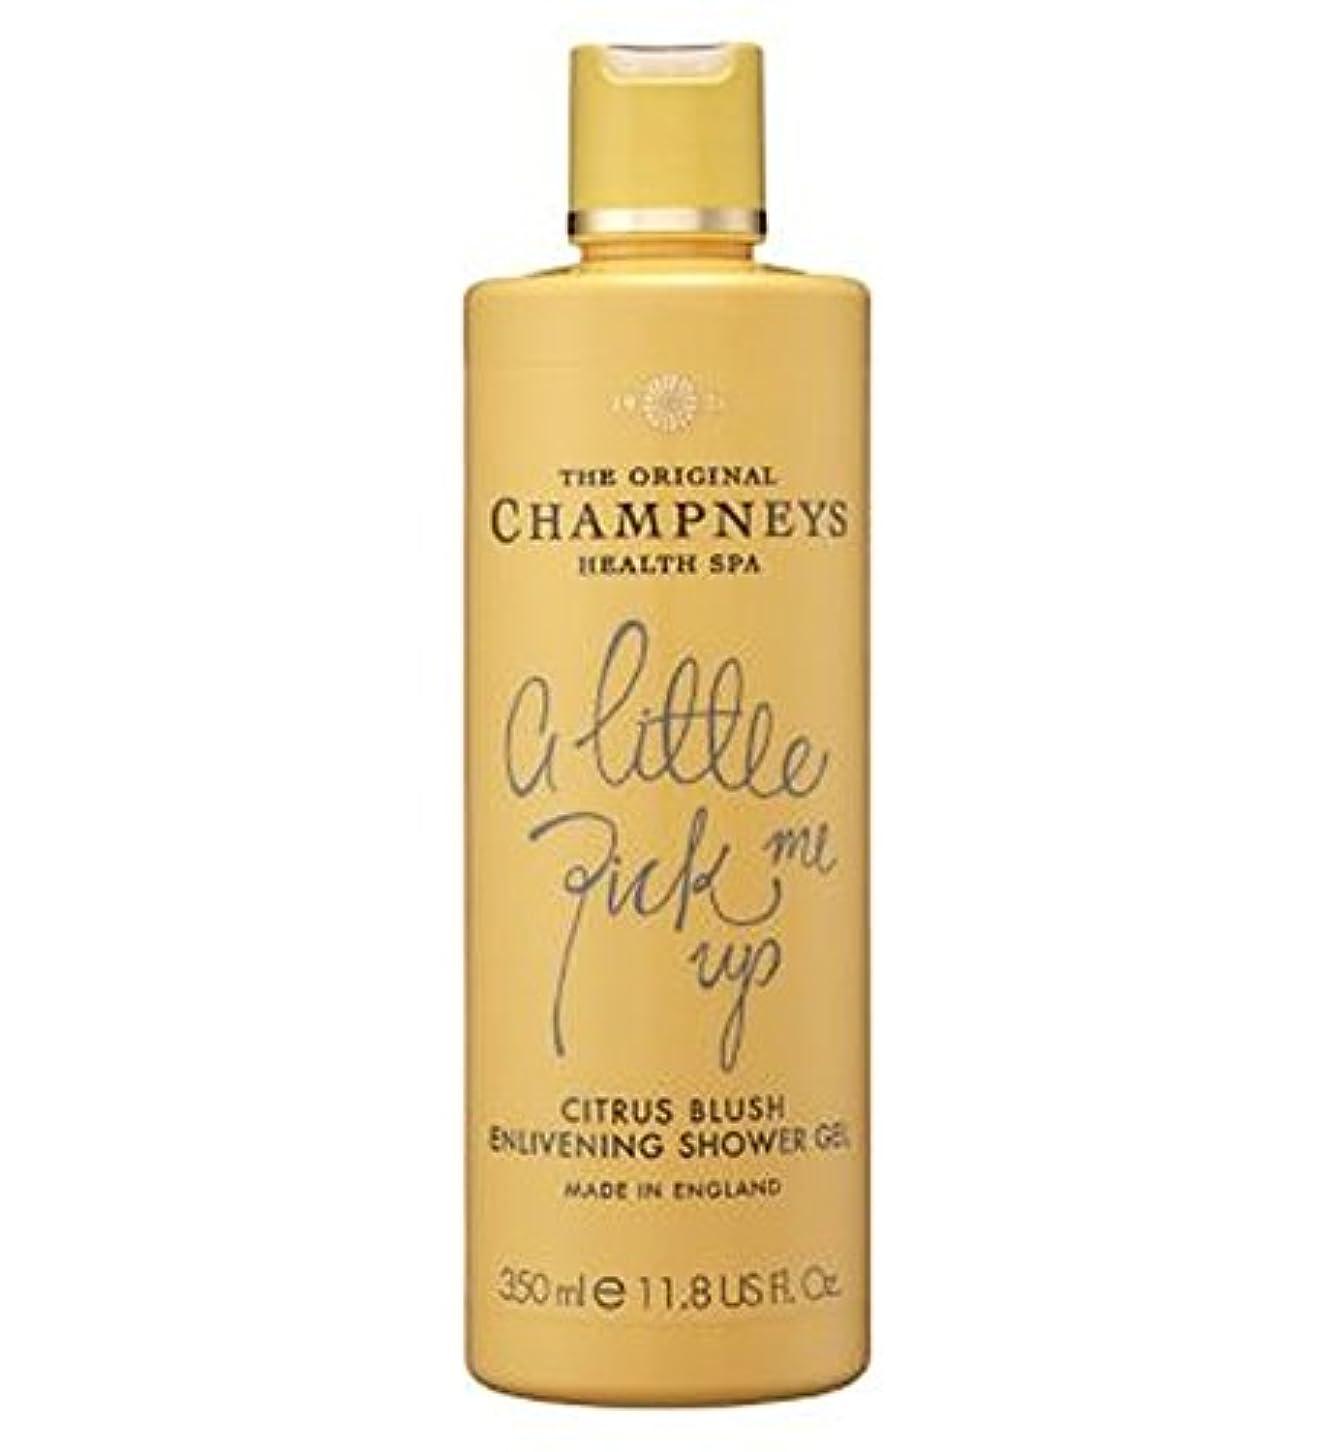 フィドル破産タイピストChampneys Citrus Blush Enlivening Shower Gel 350ml - チャンプニーズシトラス赤面盛り上げシャワージェル350ミリリットル (Champneys) [並行輸入品]